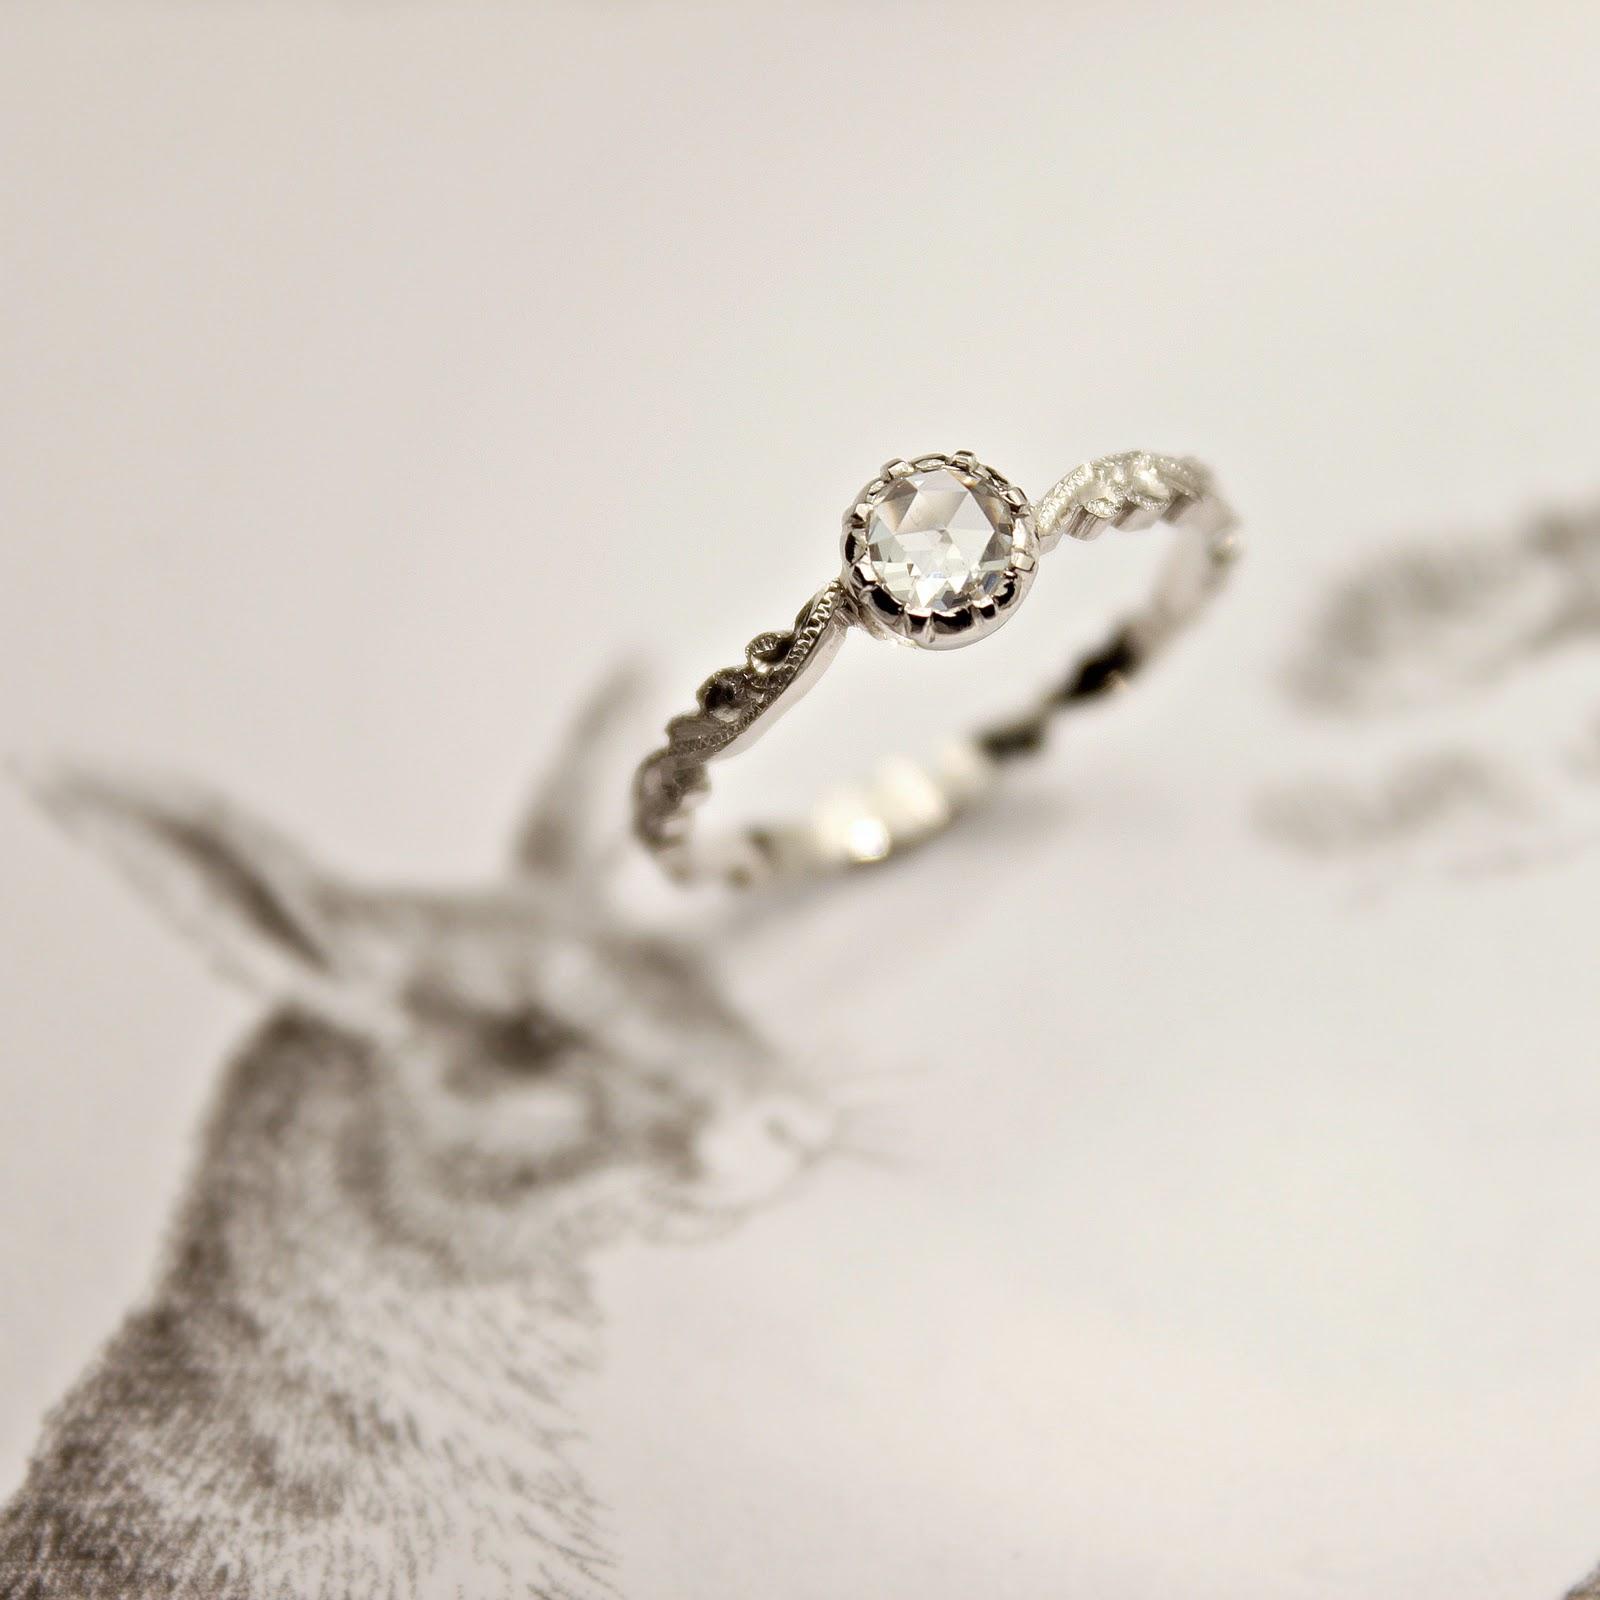 j u n k a h o l i q u e new 4mm rose cut diamond ring